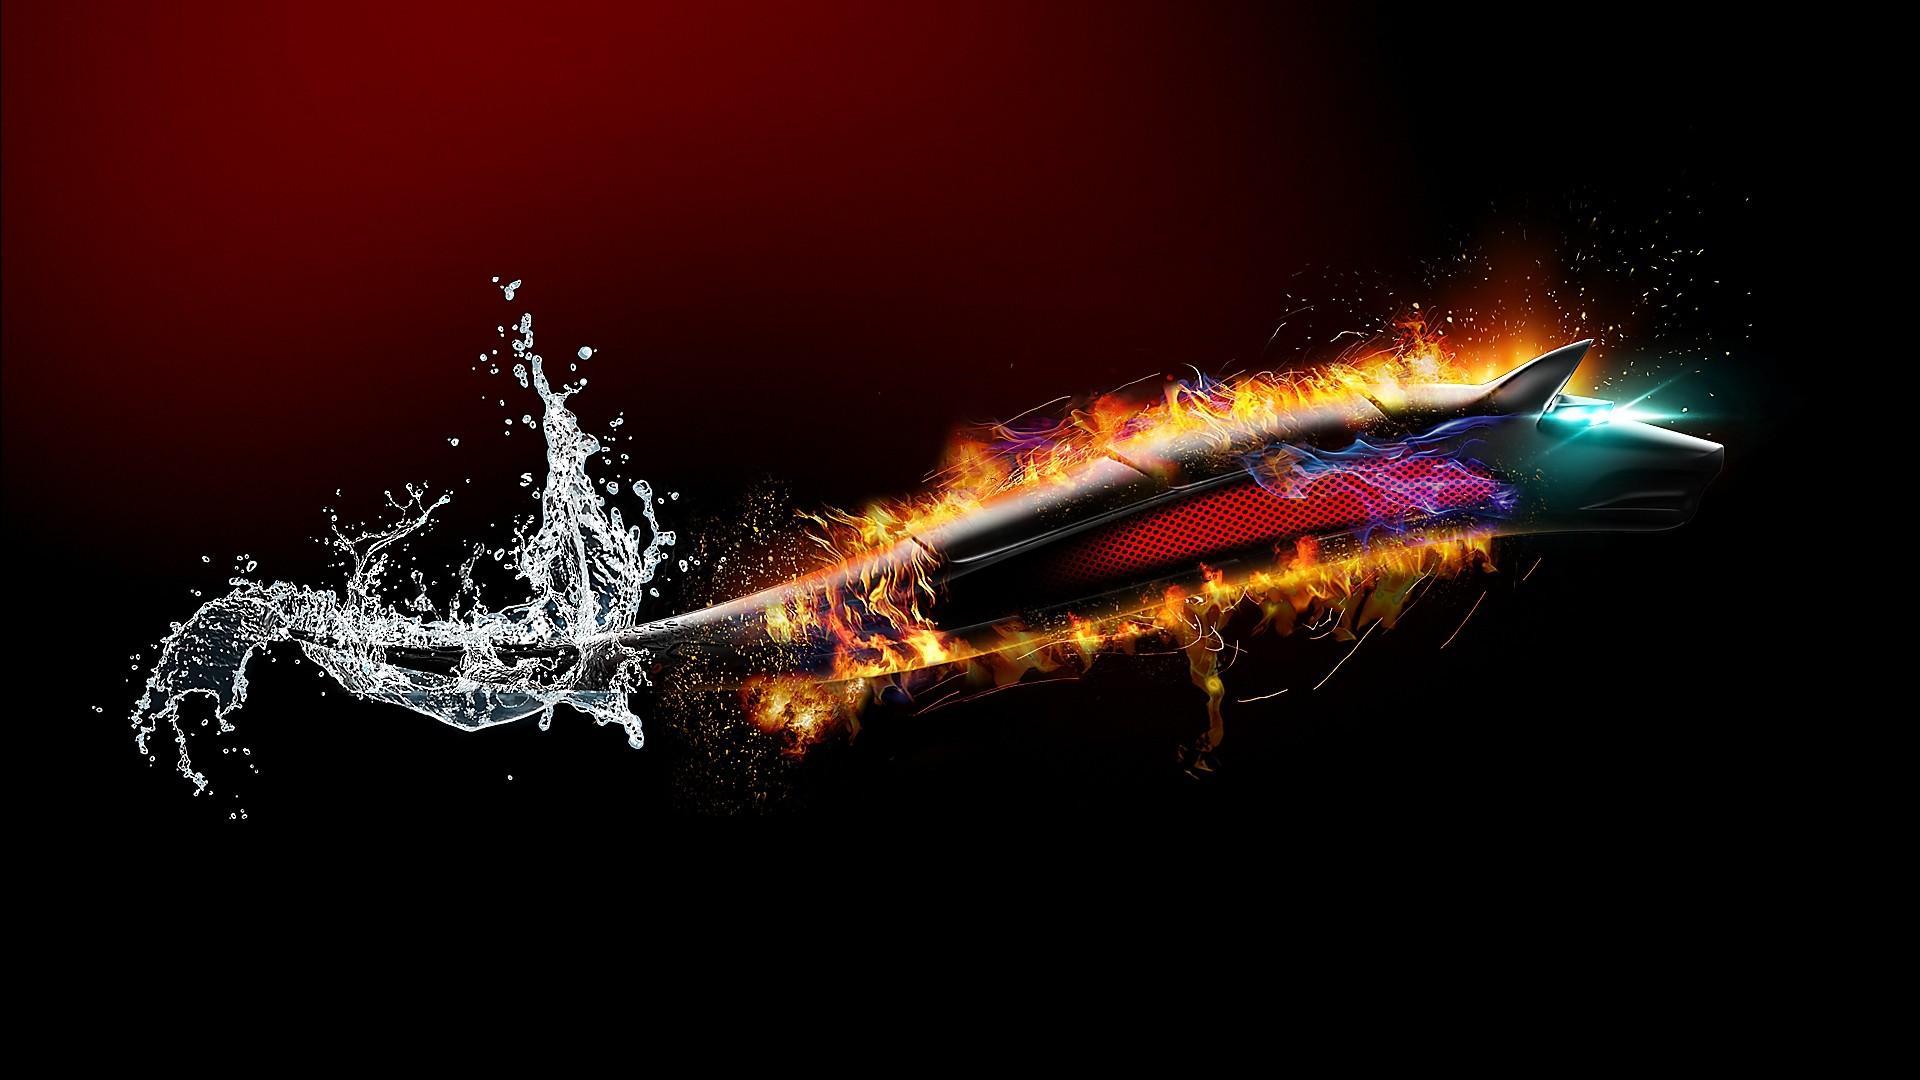 Water Fire 3d